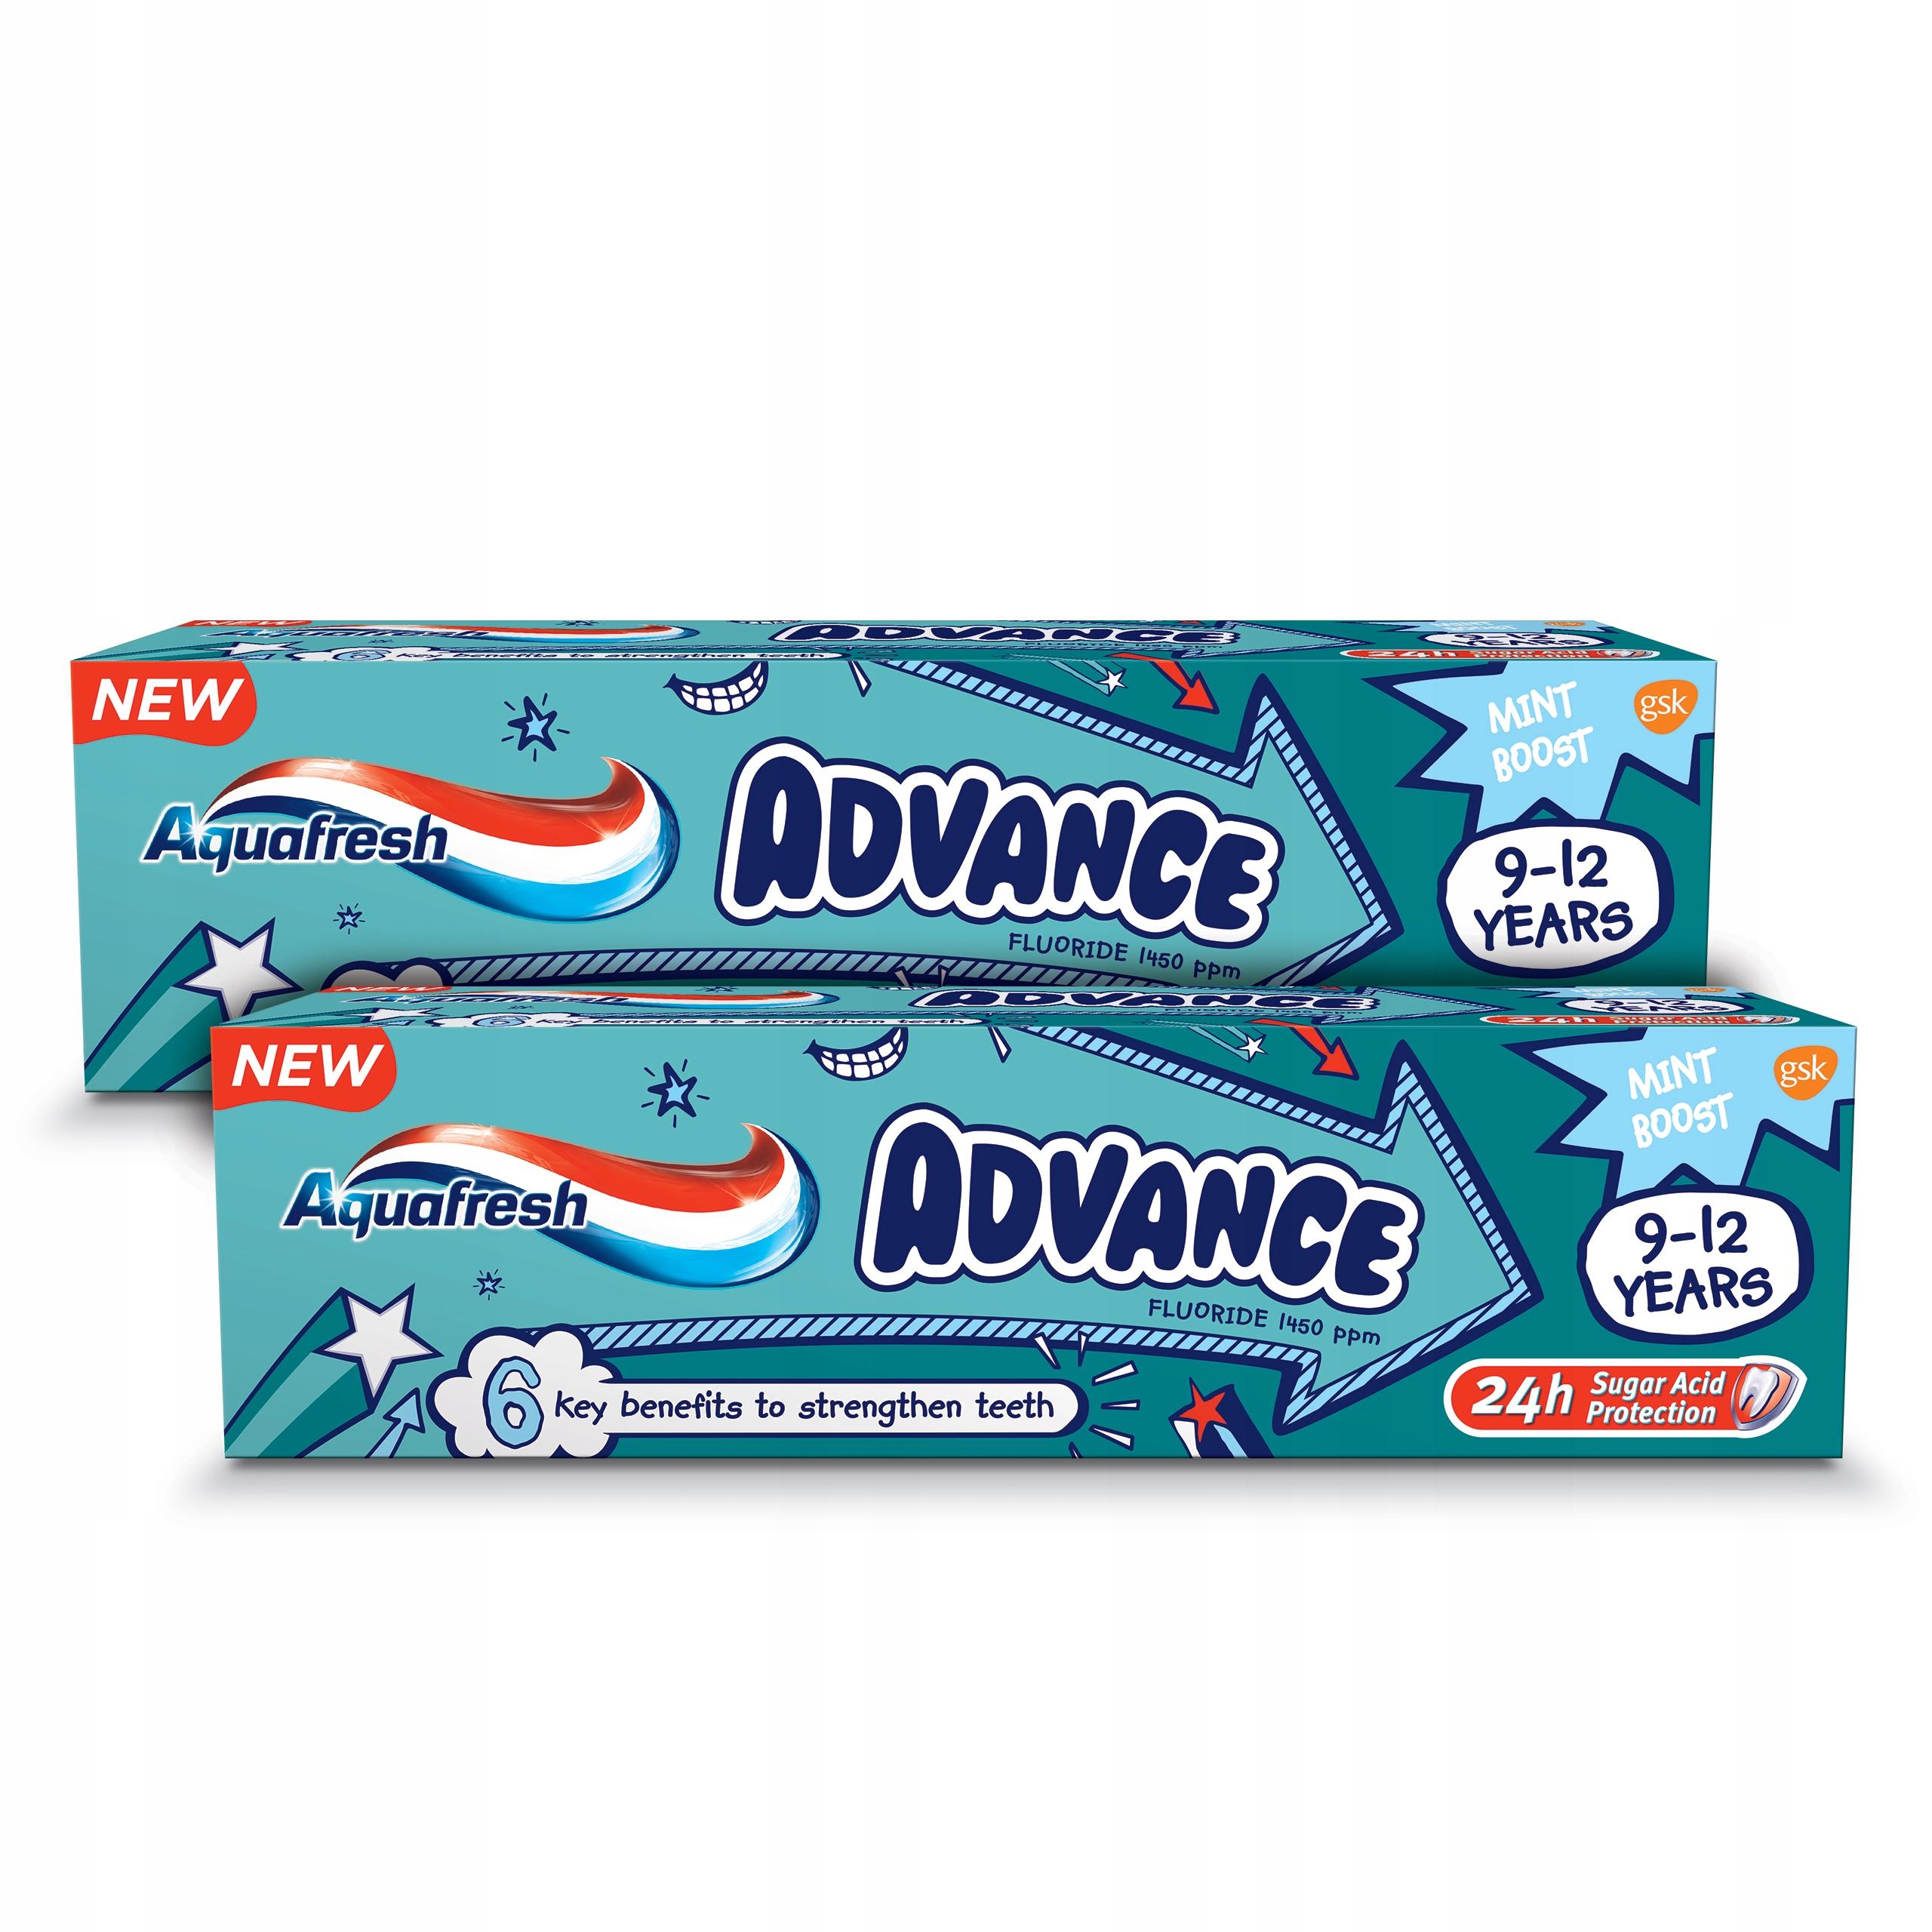 AQUAFRESH Advance 2 Пасты для детей 9 - 12 лет